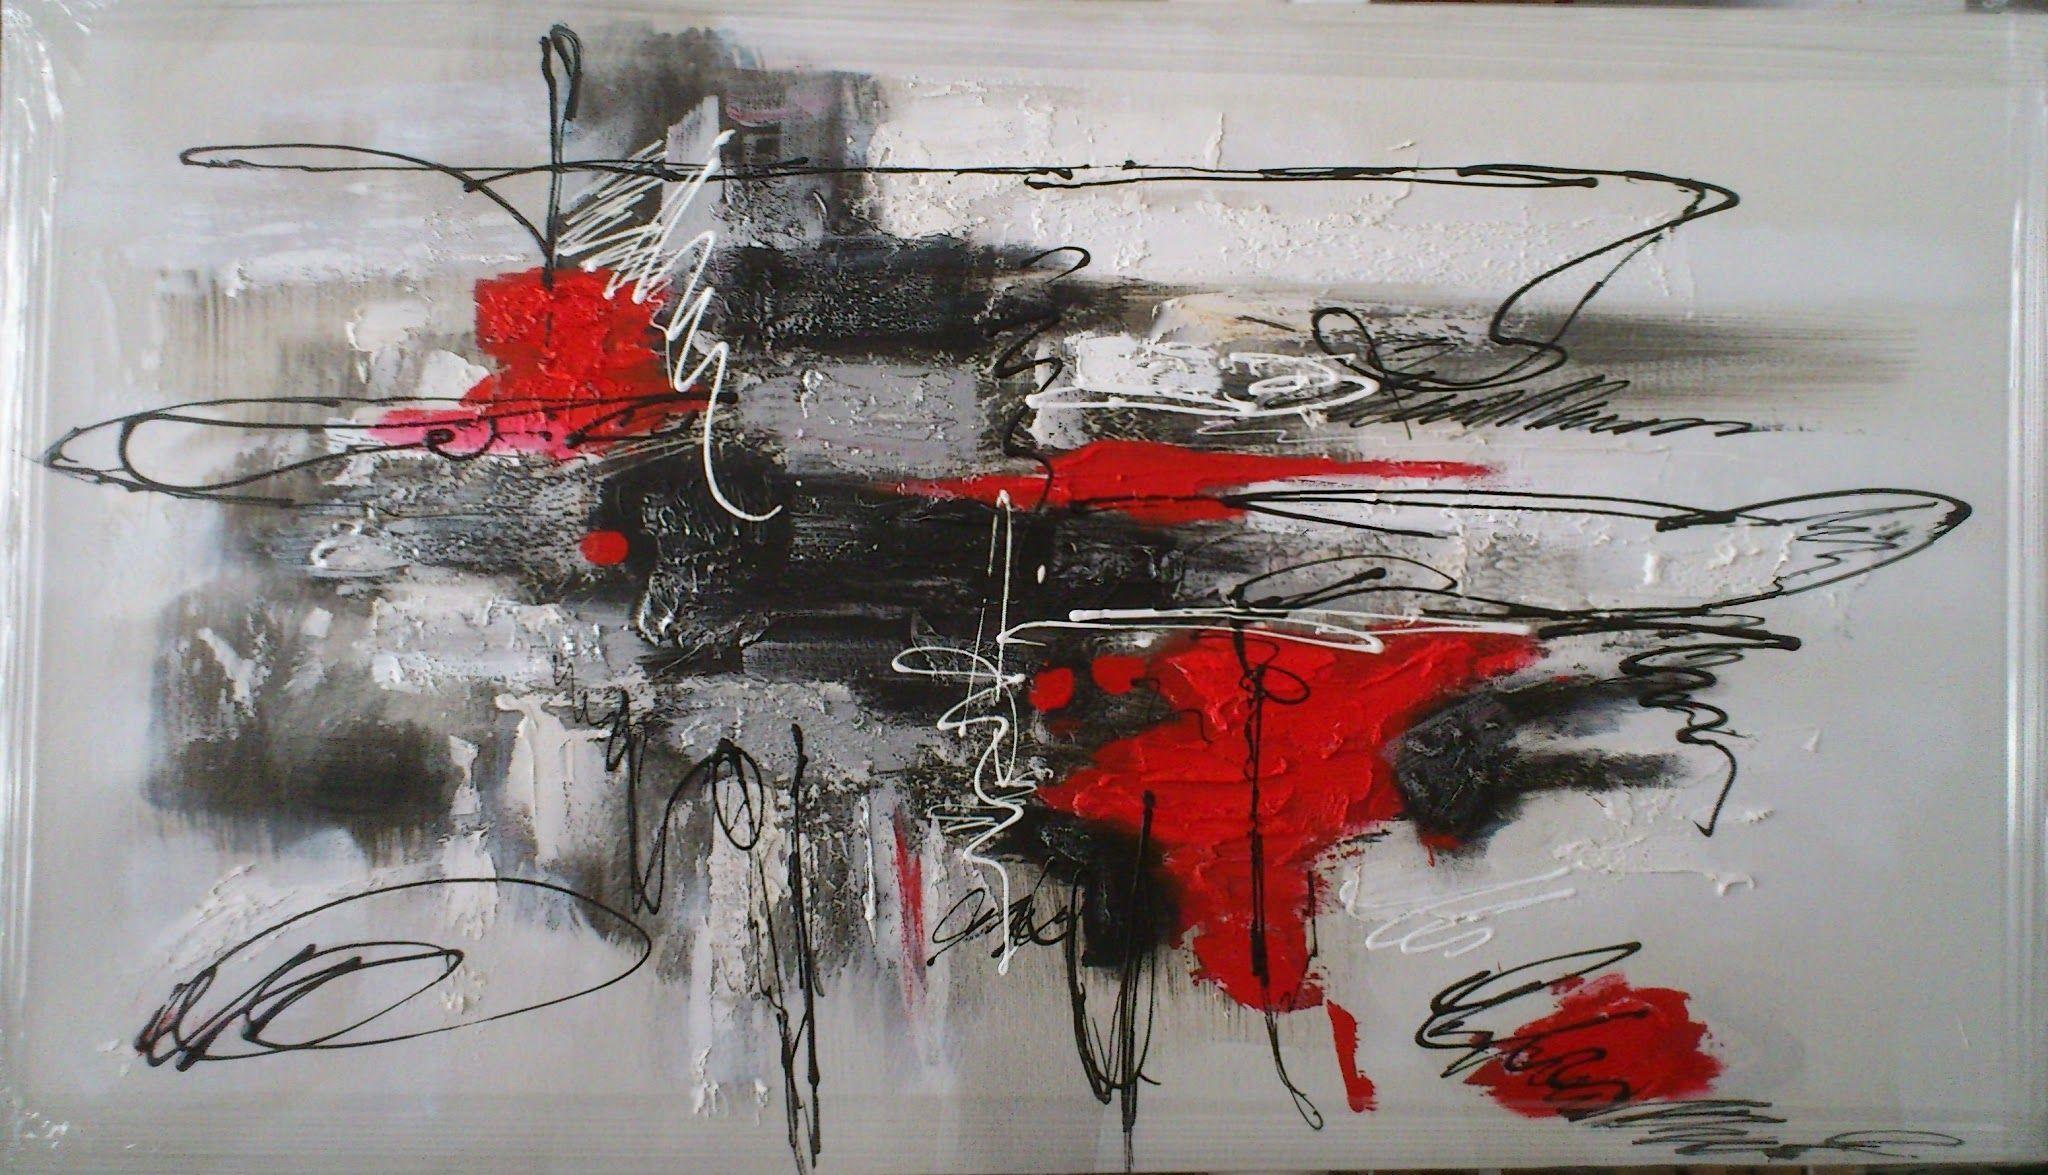 Cuadros surrealistas abstractos buscar con google pinturas art painting y artist - Cuadros abstractos minimalistas ...